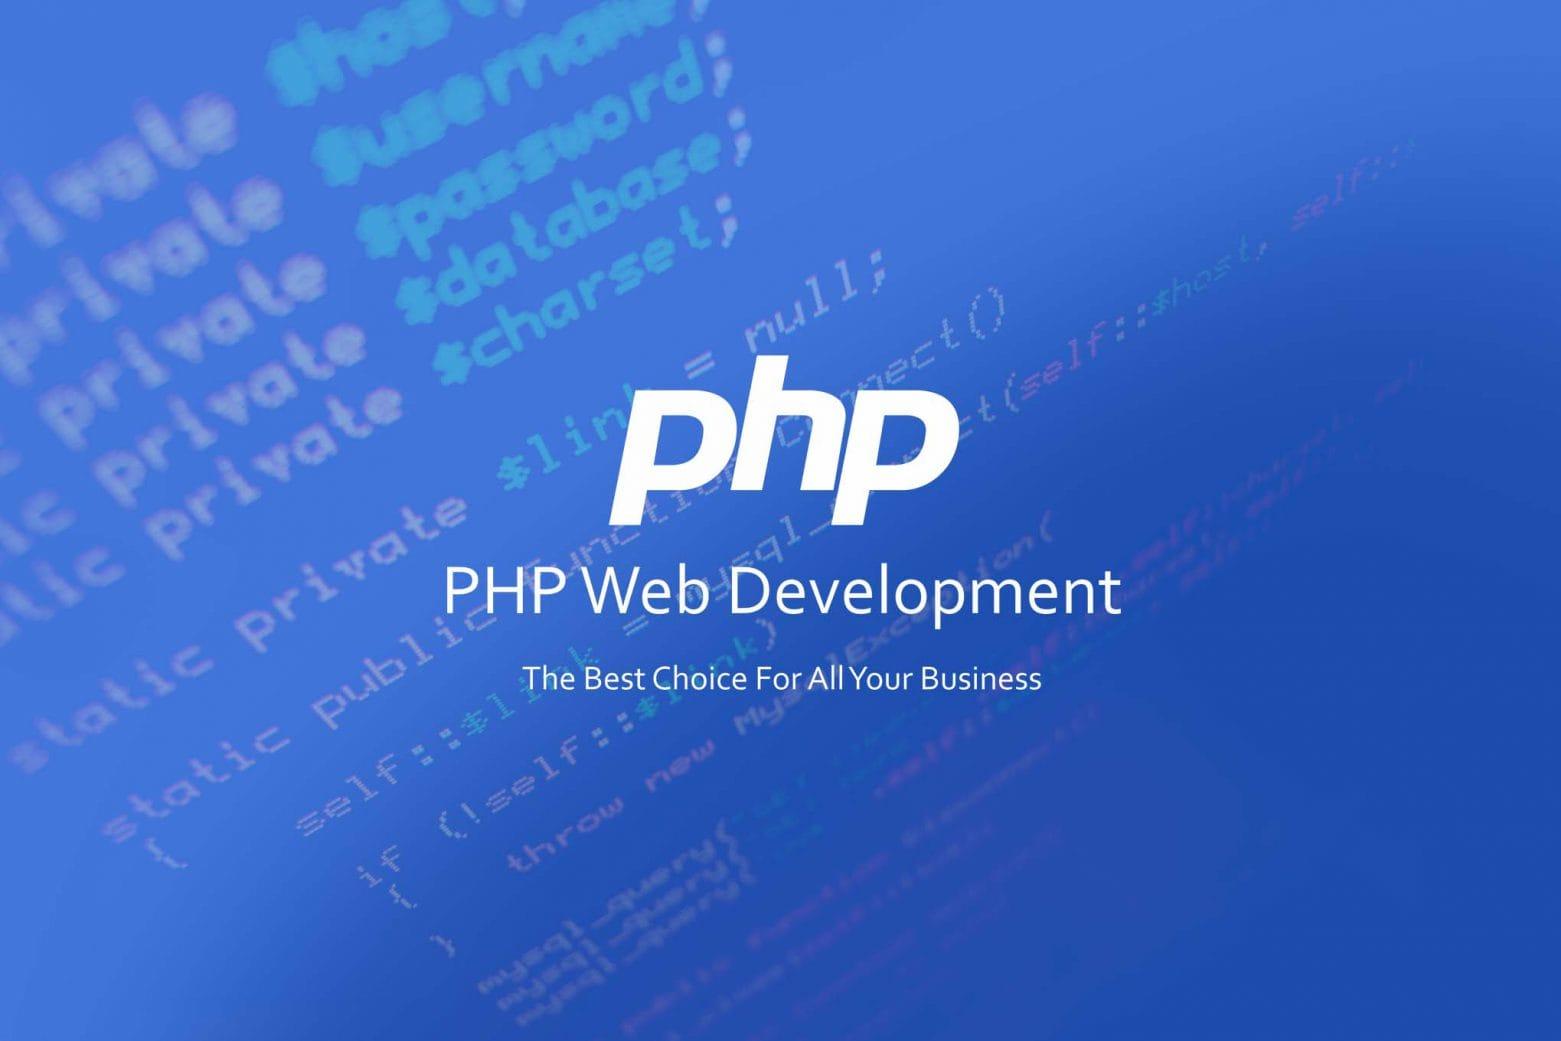 Portfolio for Laravel, CodeIgniter,CakePHP frameworks